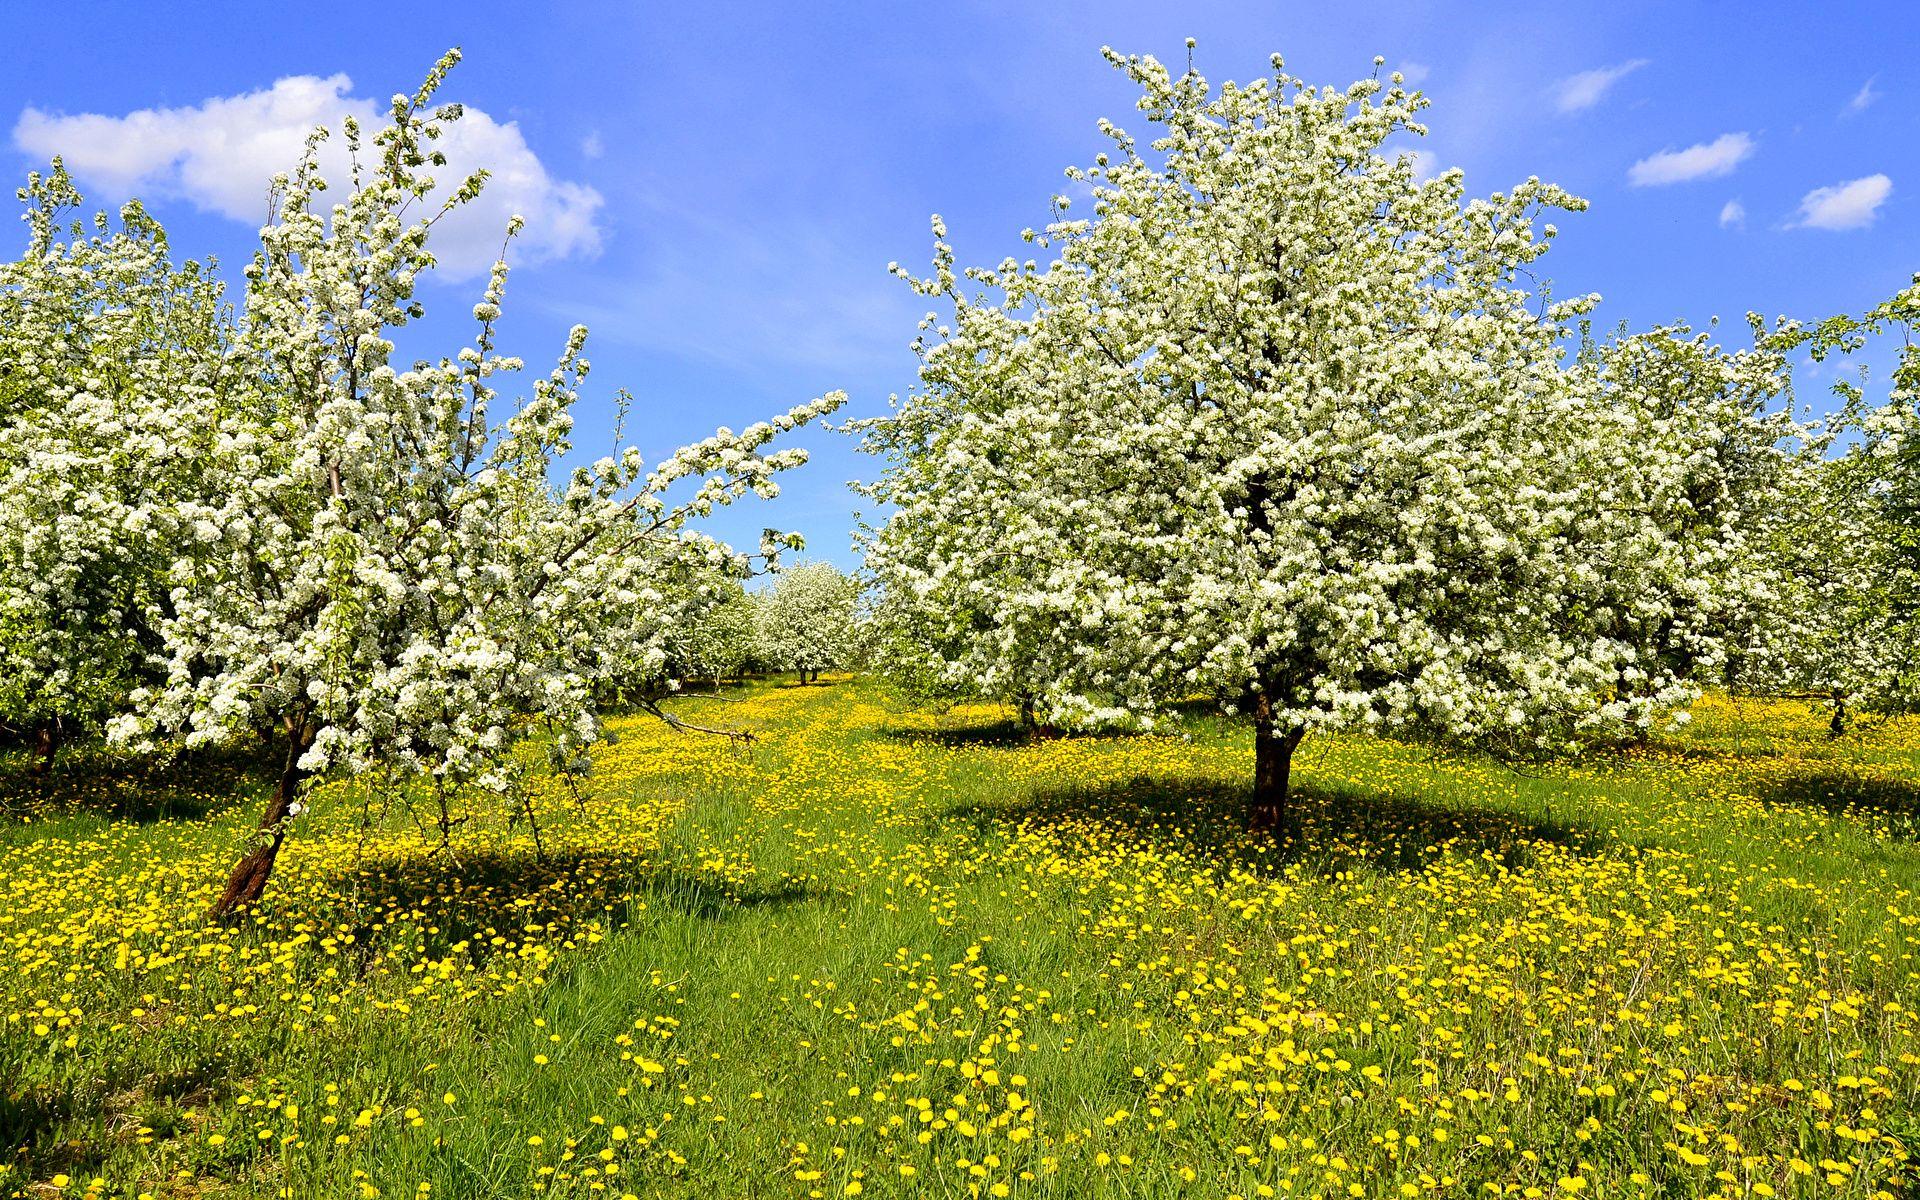 fotos von natur frühling löwenzahn gras blühende bäume